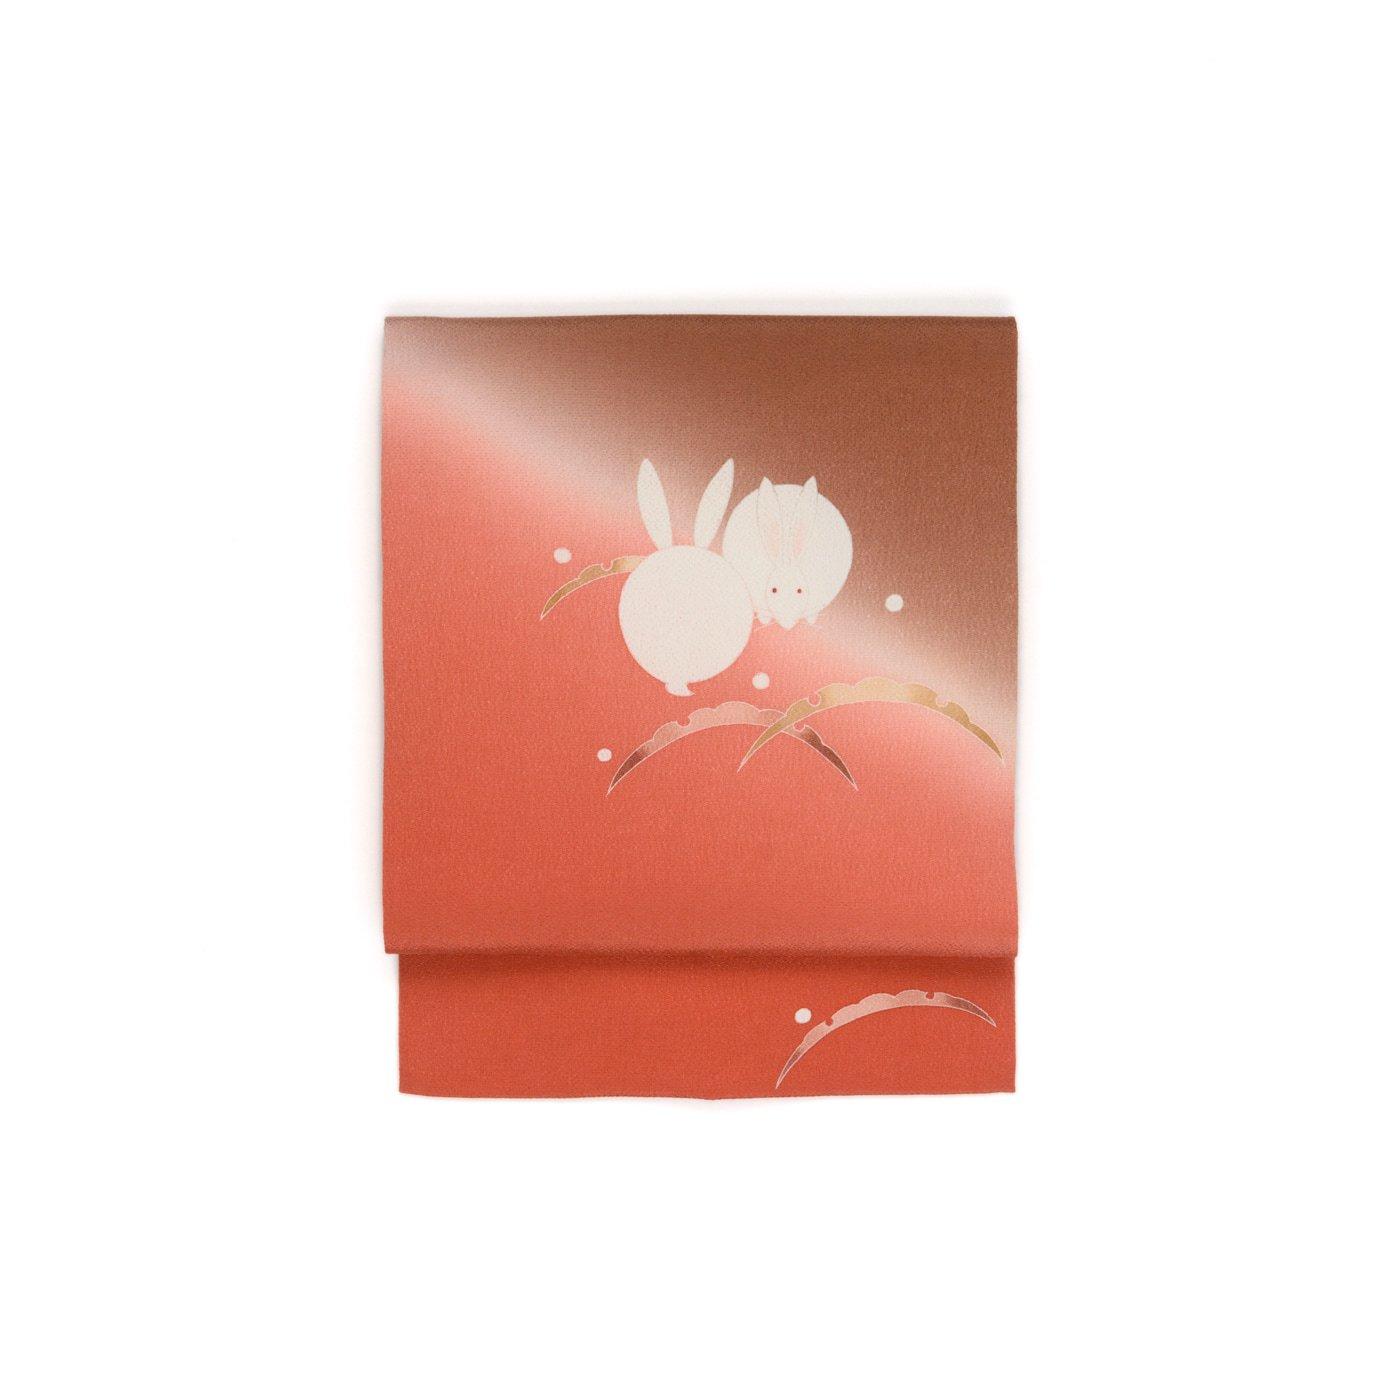 「ホリヒロシ 雪兎」の商品画像